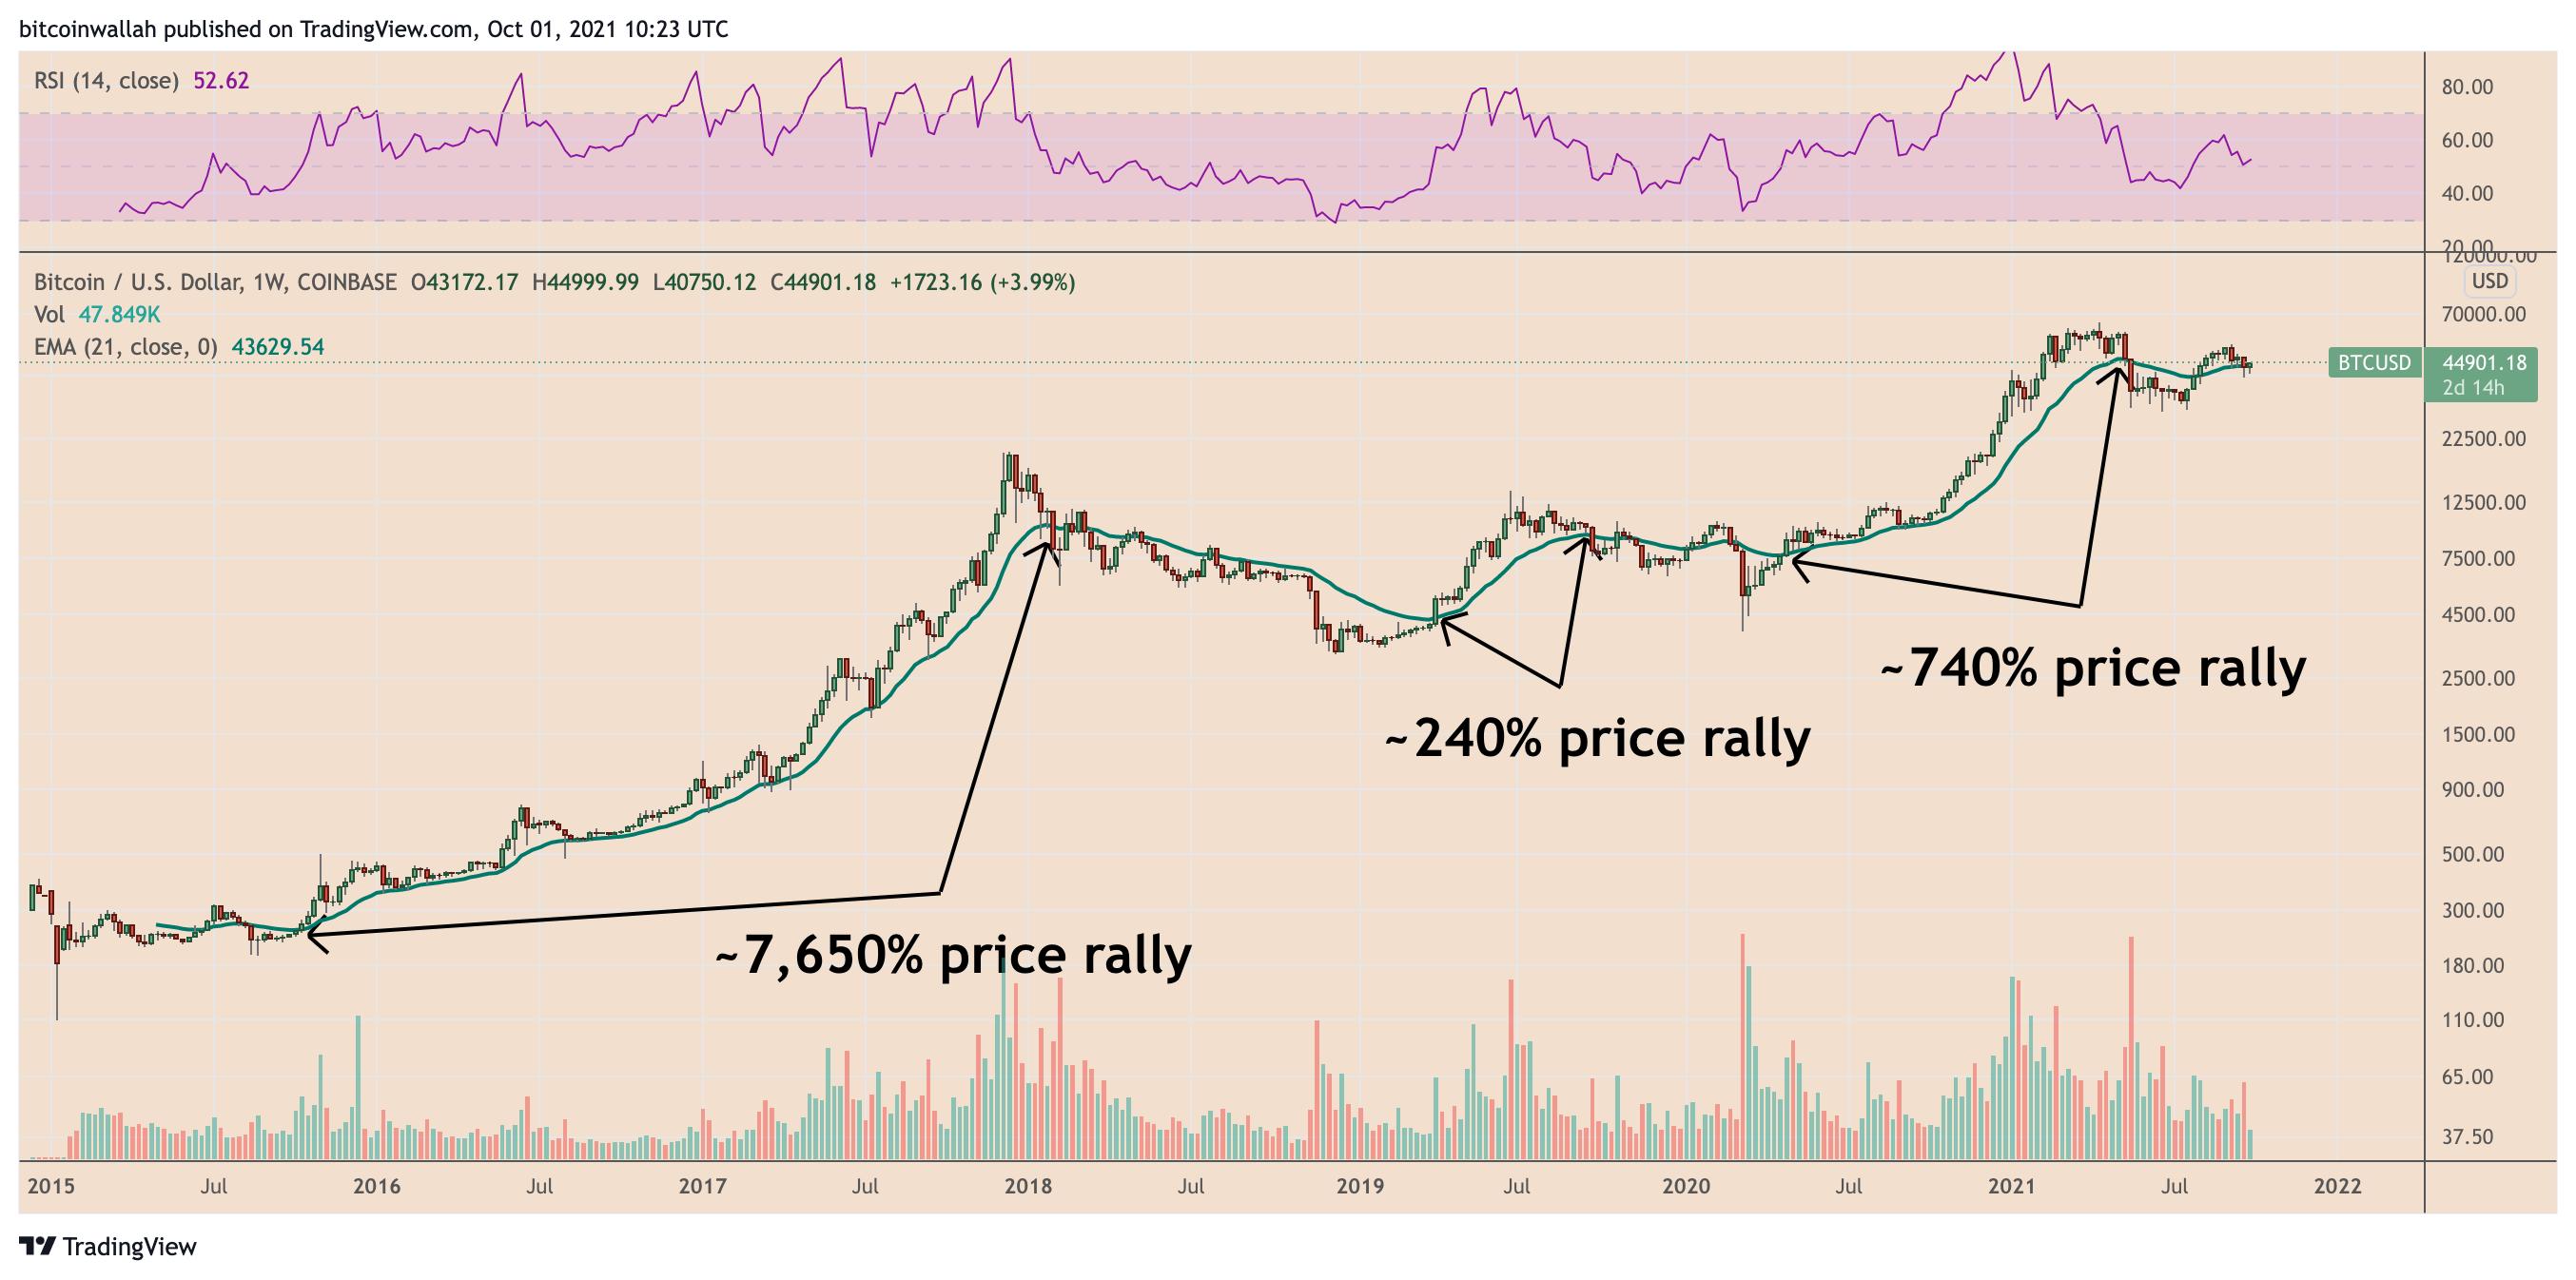 Grafico settimanale di BTC/USD con le bull run incentrate sulla EMA a 21 settimane